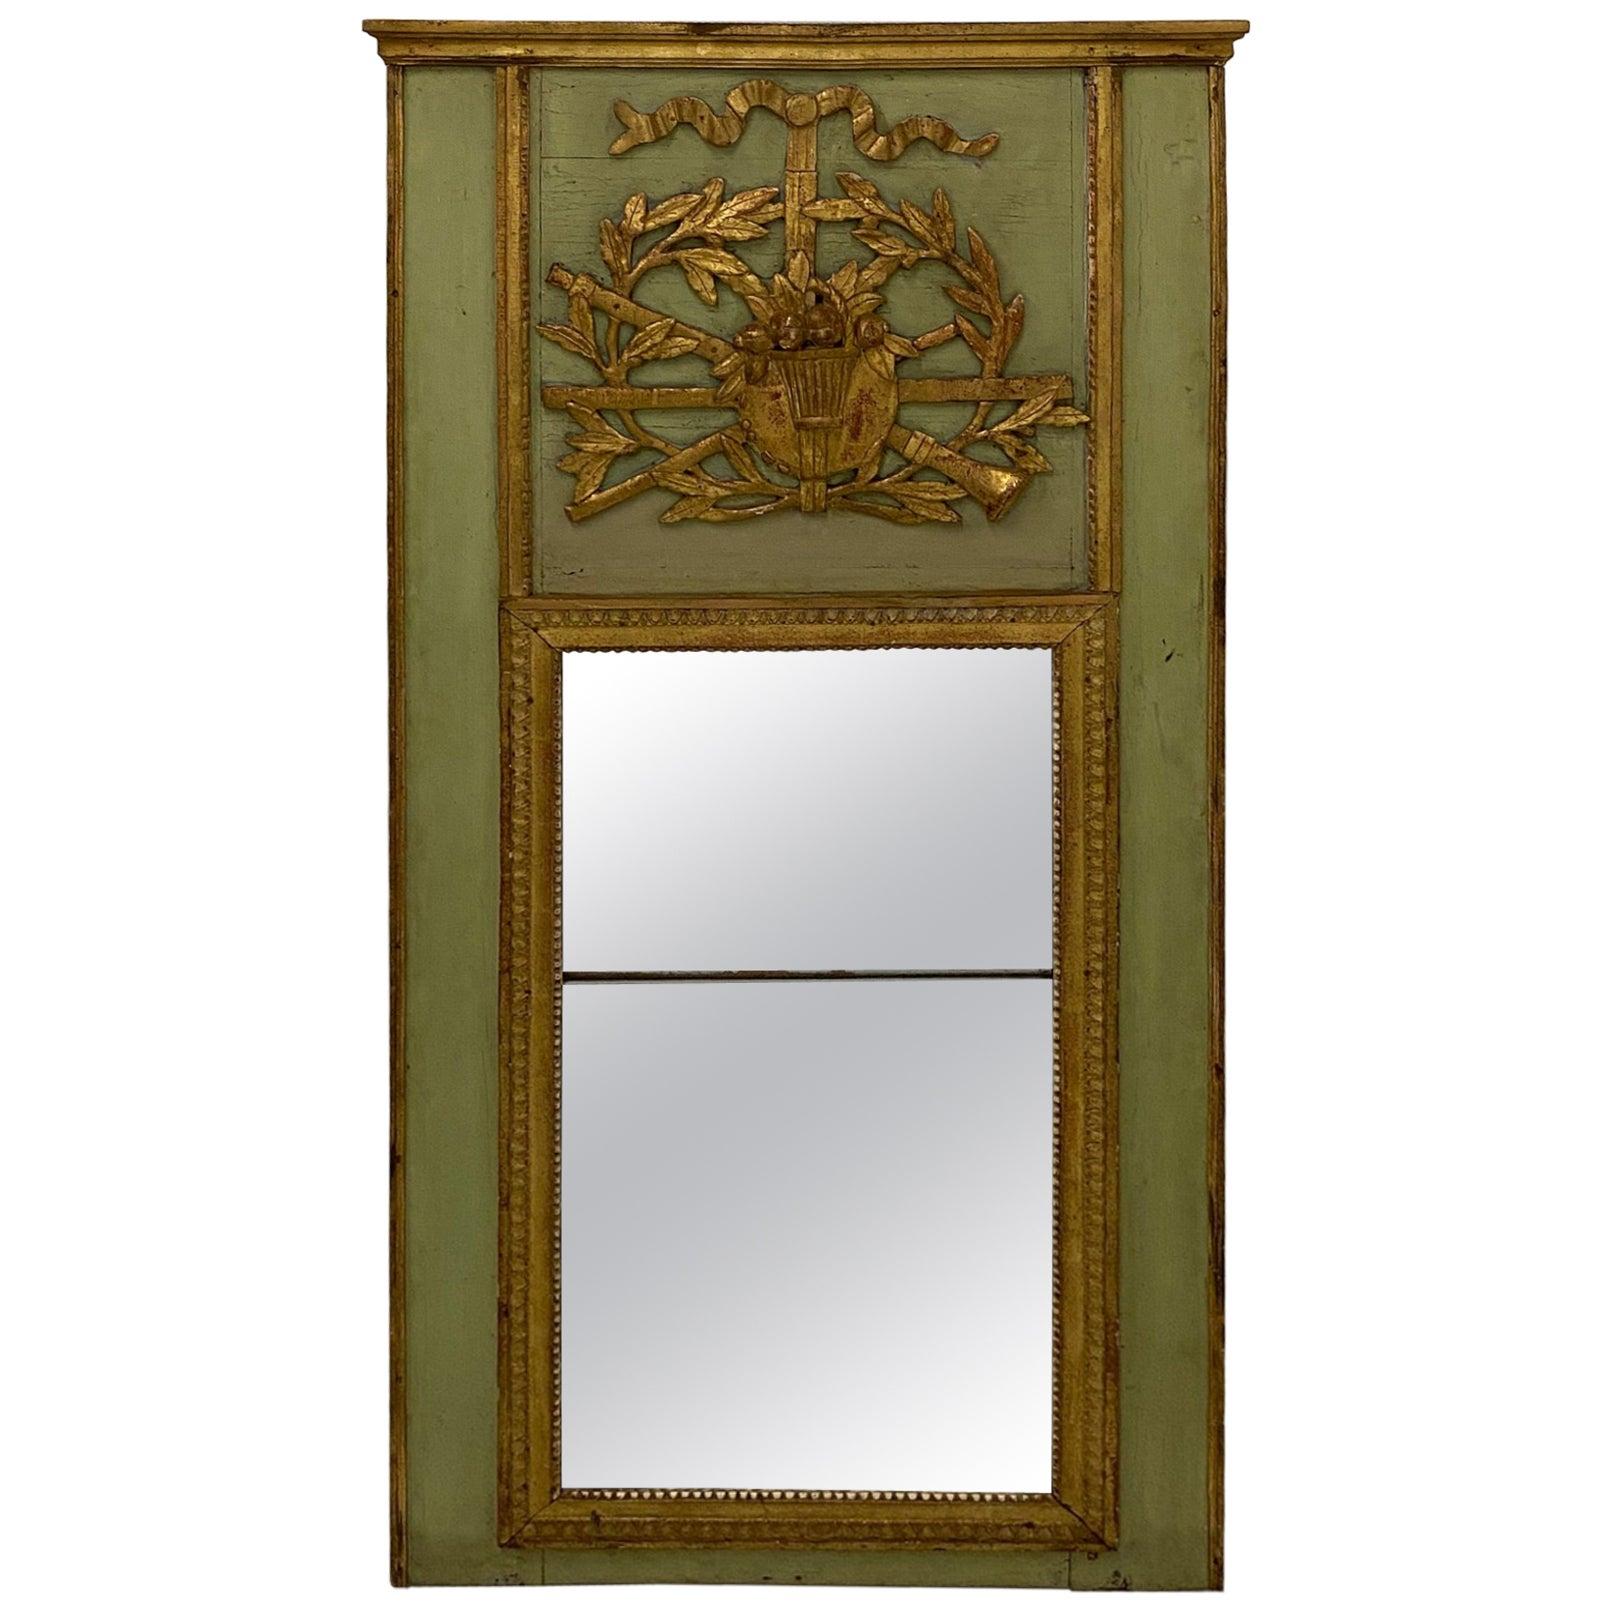 Magnificent Large Antique Giltwood Louis XVI Trumeau Mirror